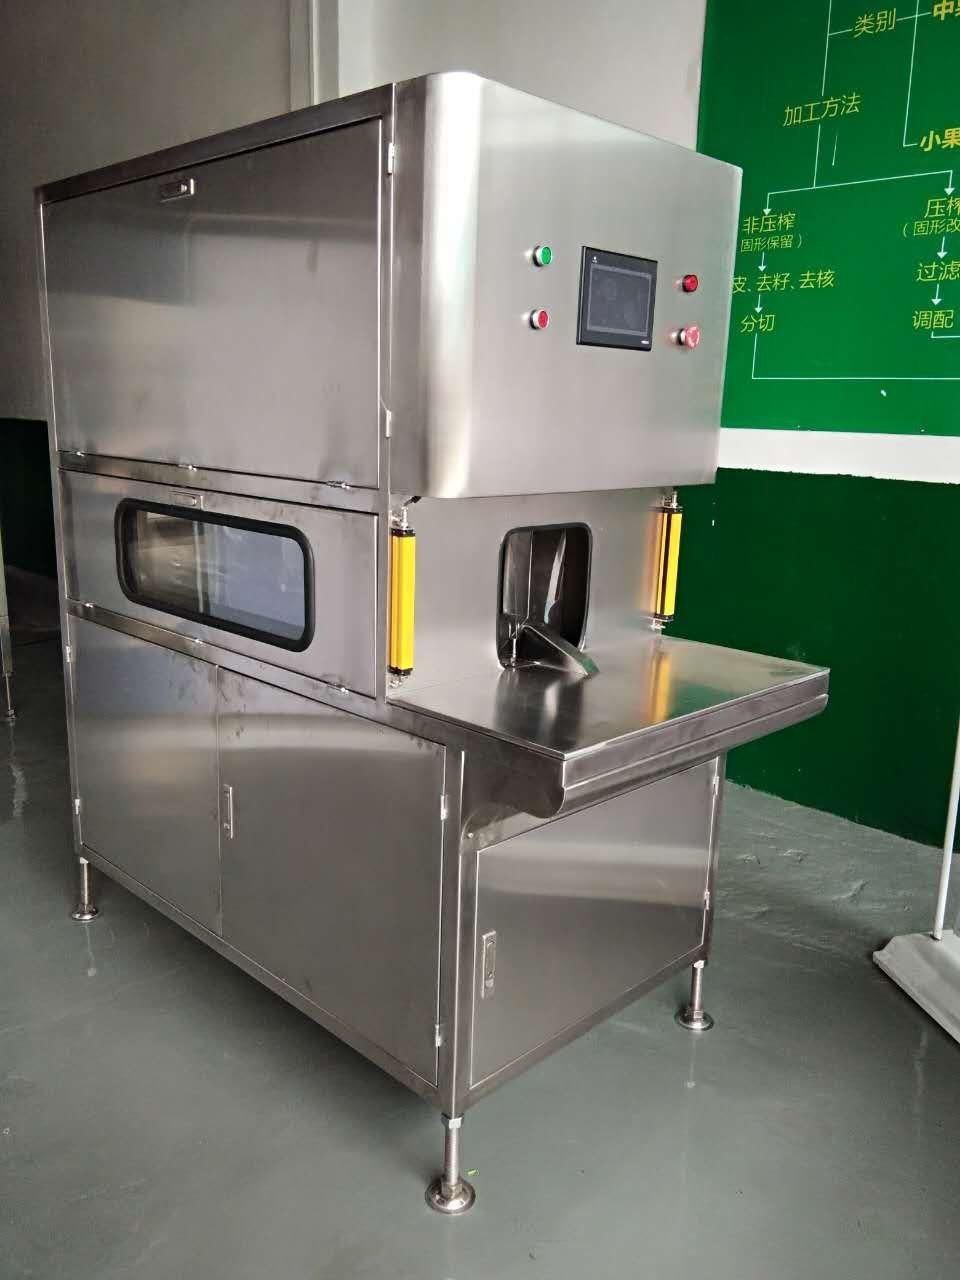 厂家供应冻柿子削皮机,冻柿子去皮机,削皮-抠蒂-切脐-磨平程序完成